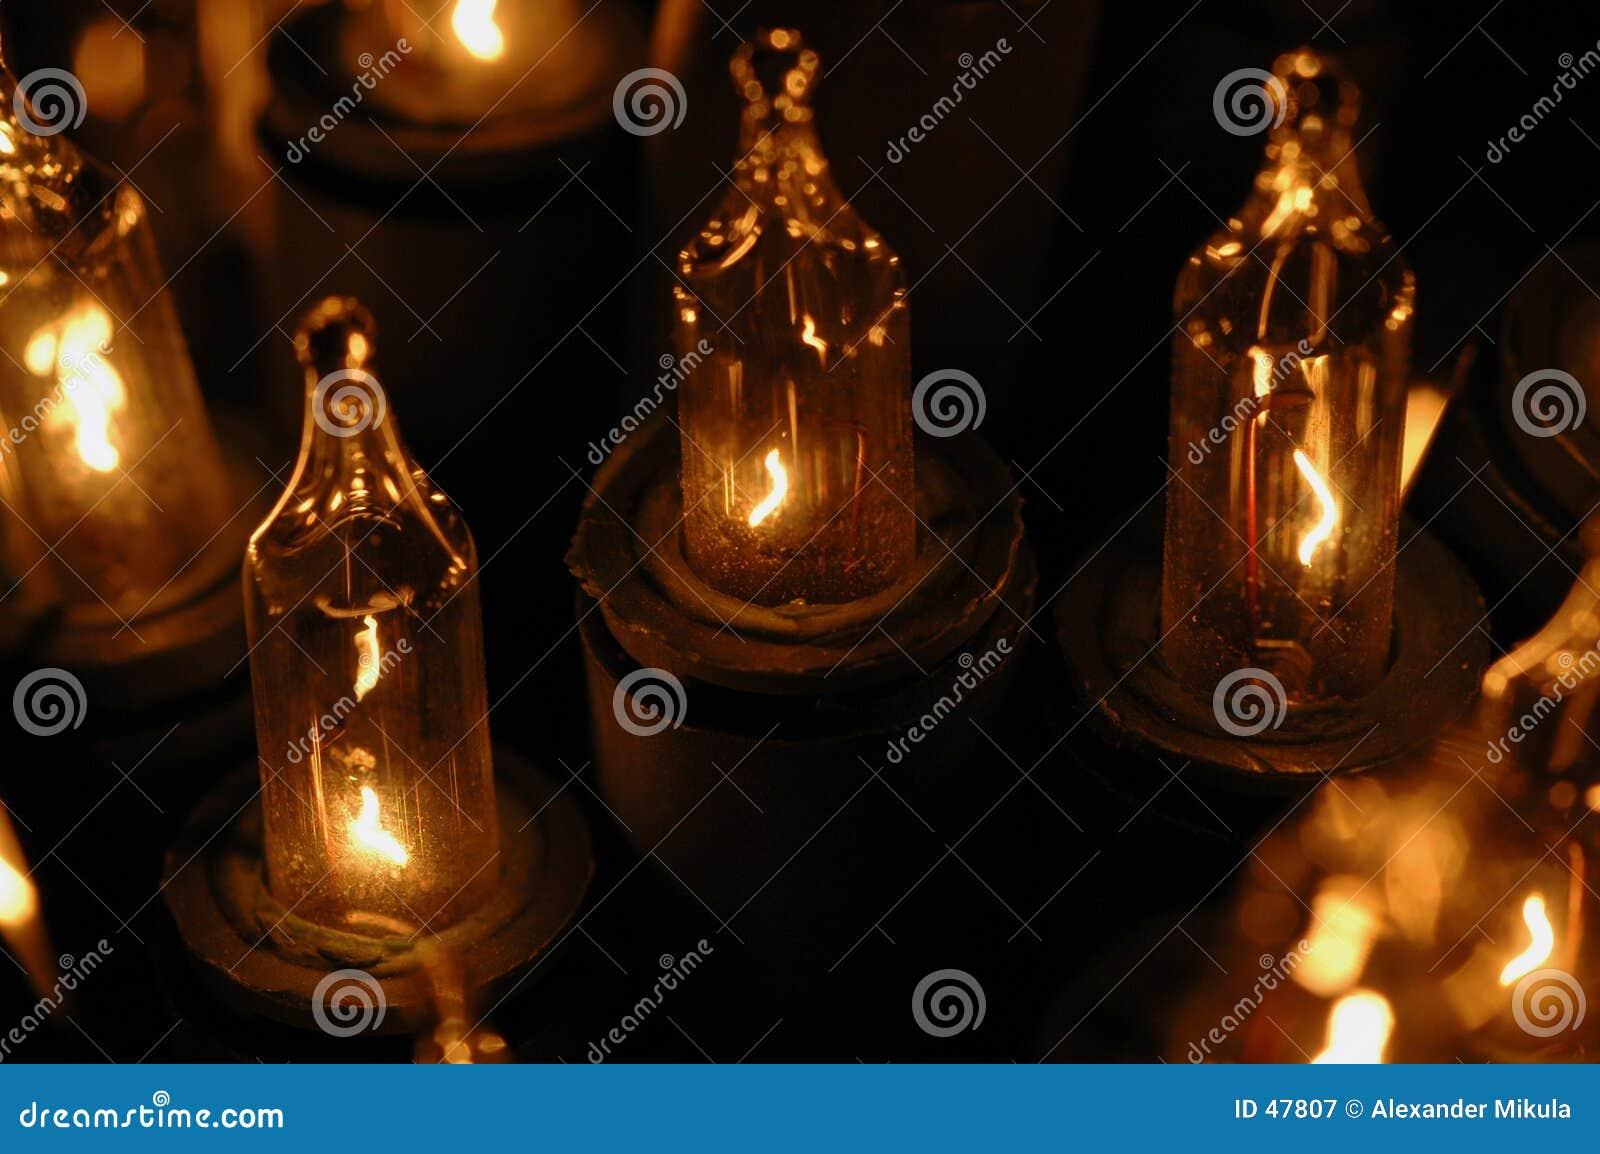 Elektryczne świece.